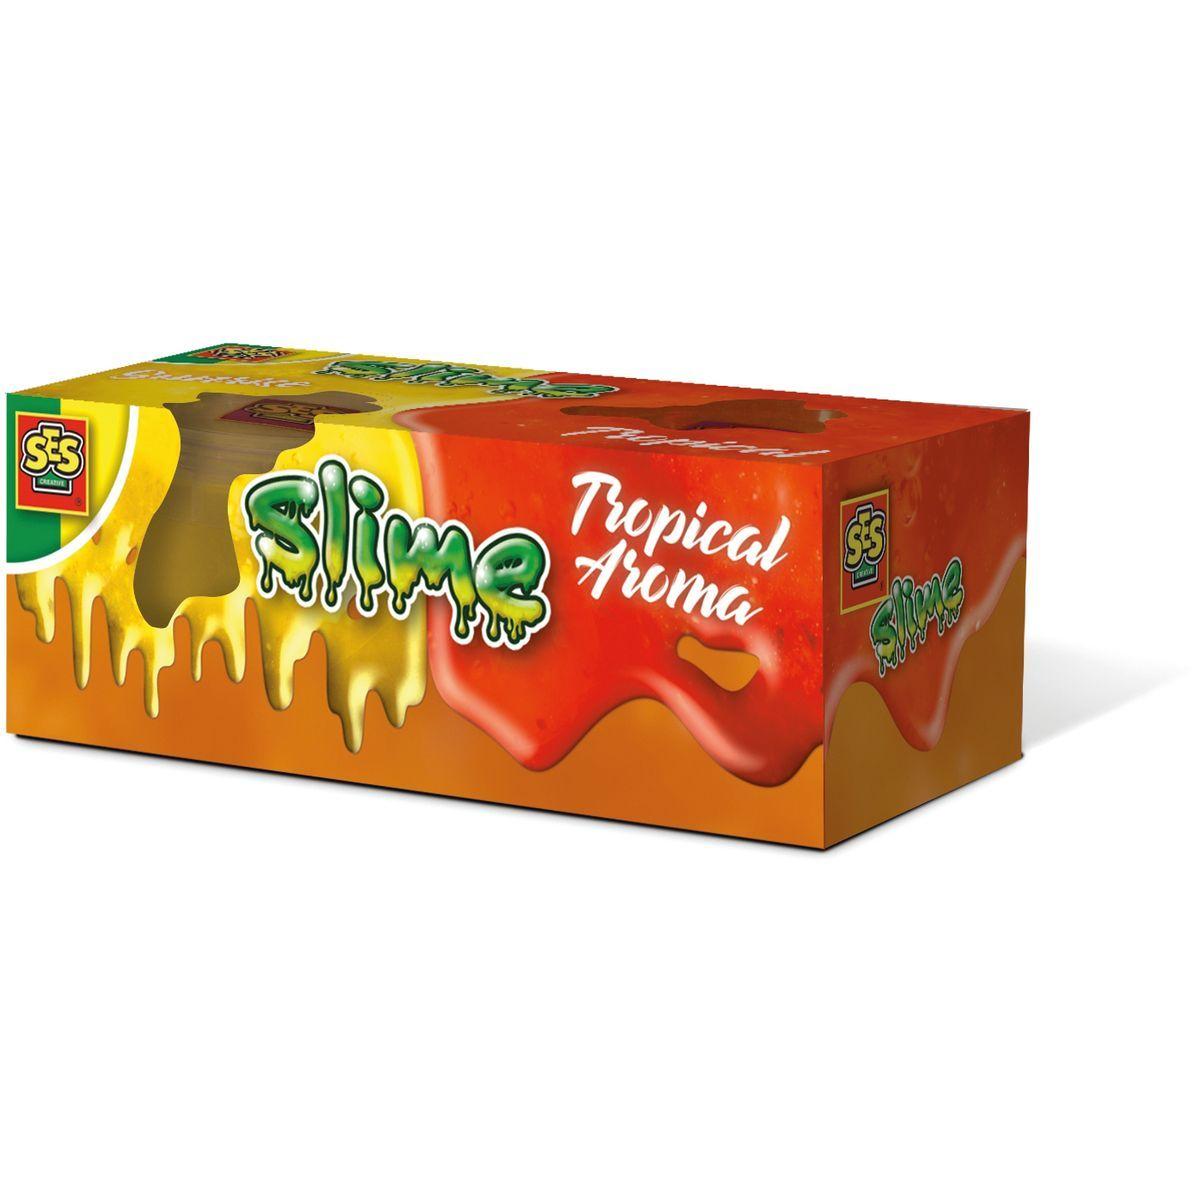 Sliz - 2ks tropické aromy